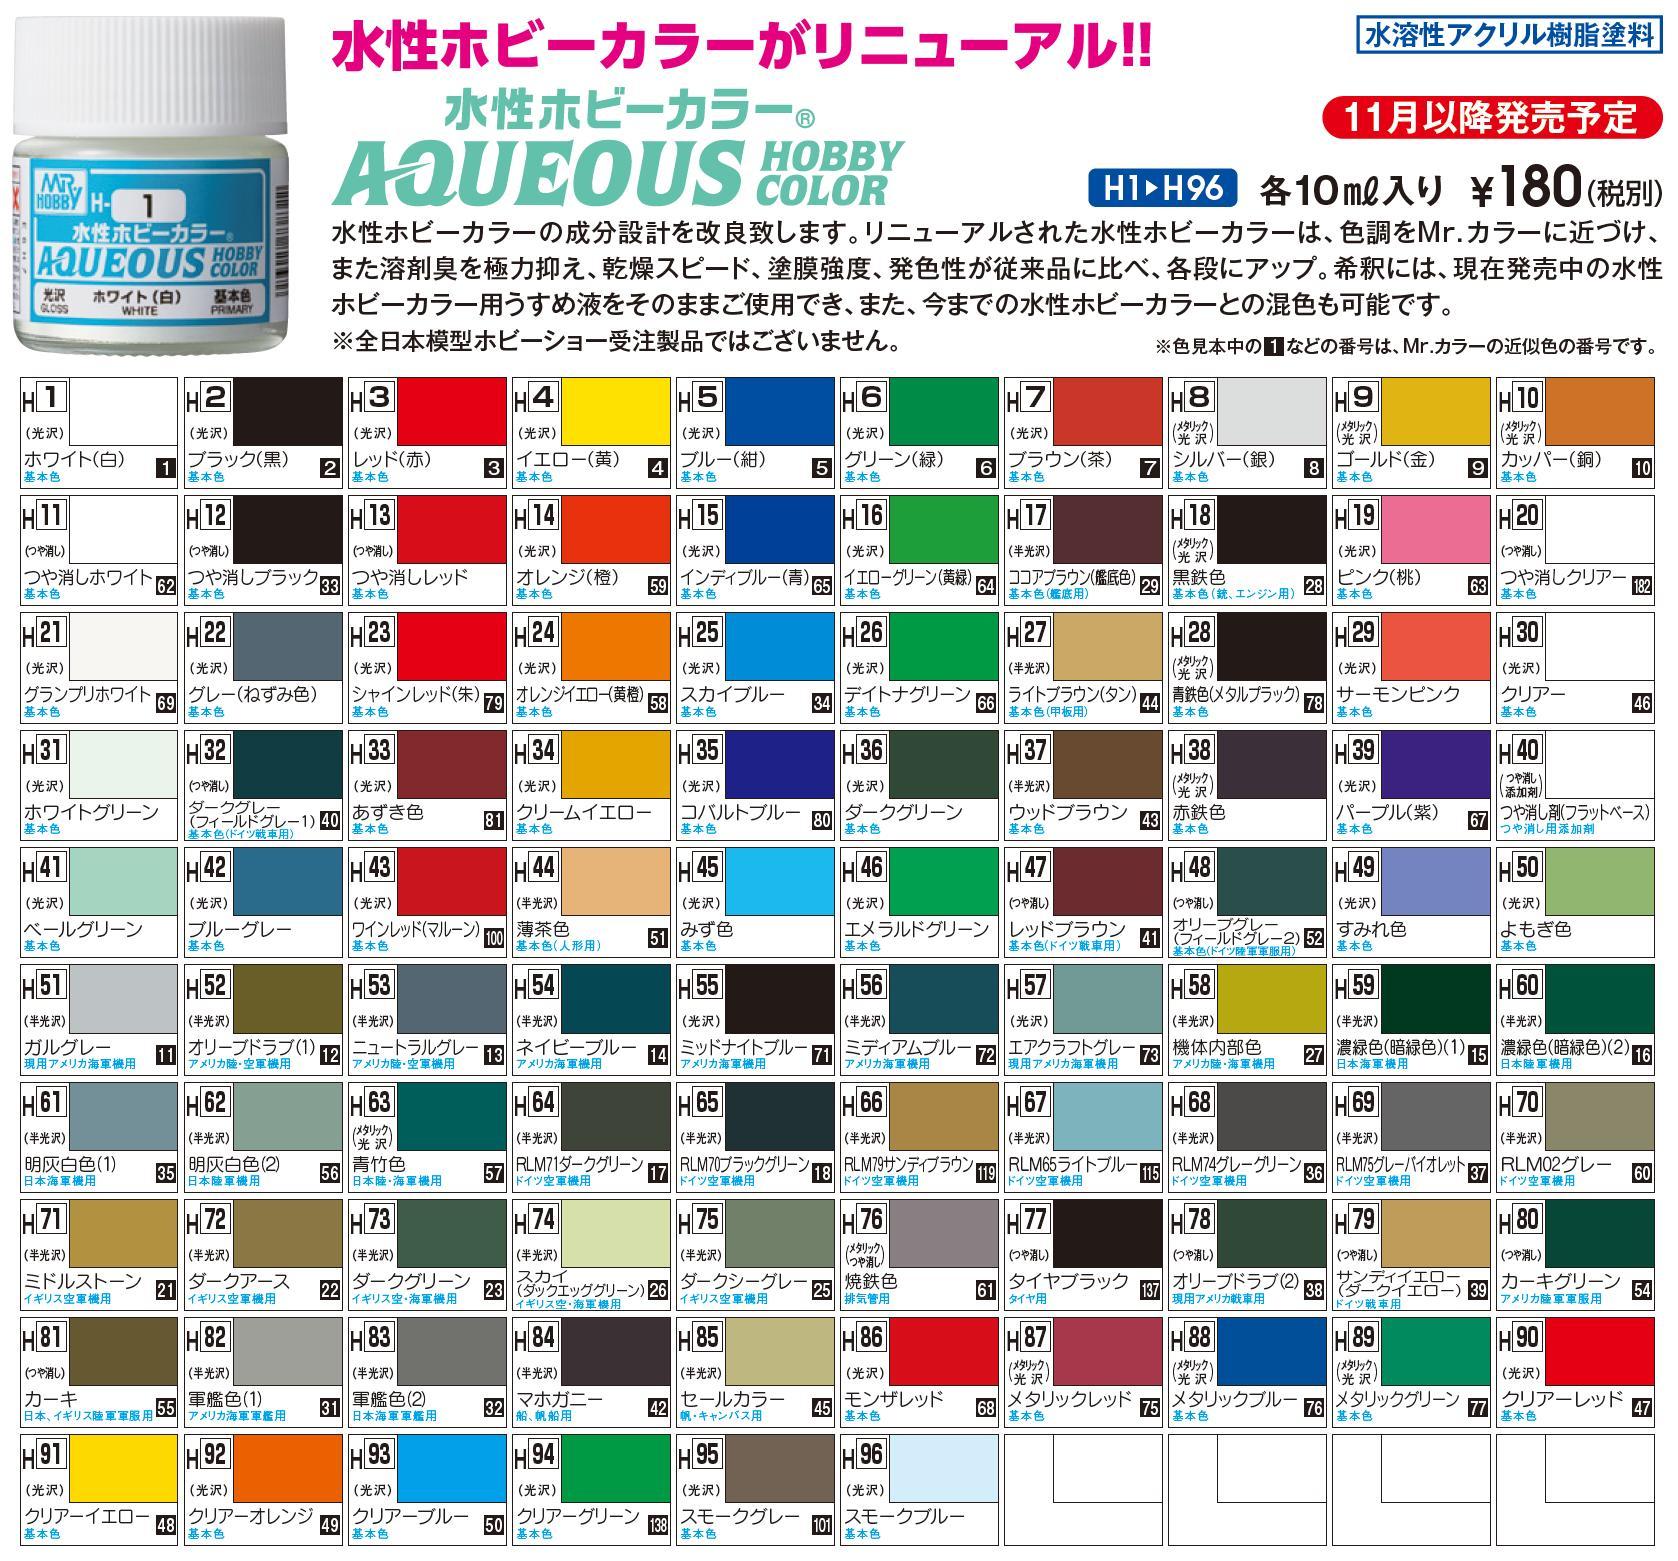 水性 ホビー カラー リニューアル GSIクレオスの新生水性ホビーカラーで筆塗りだ!!